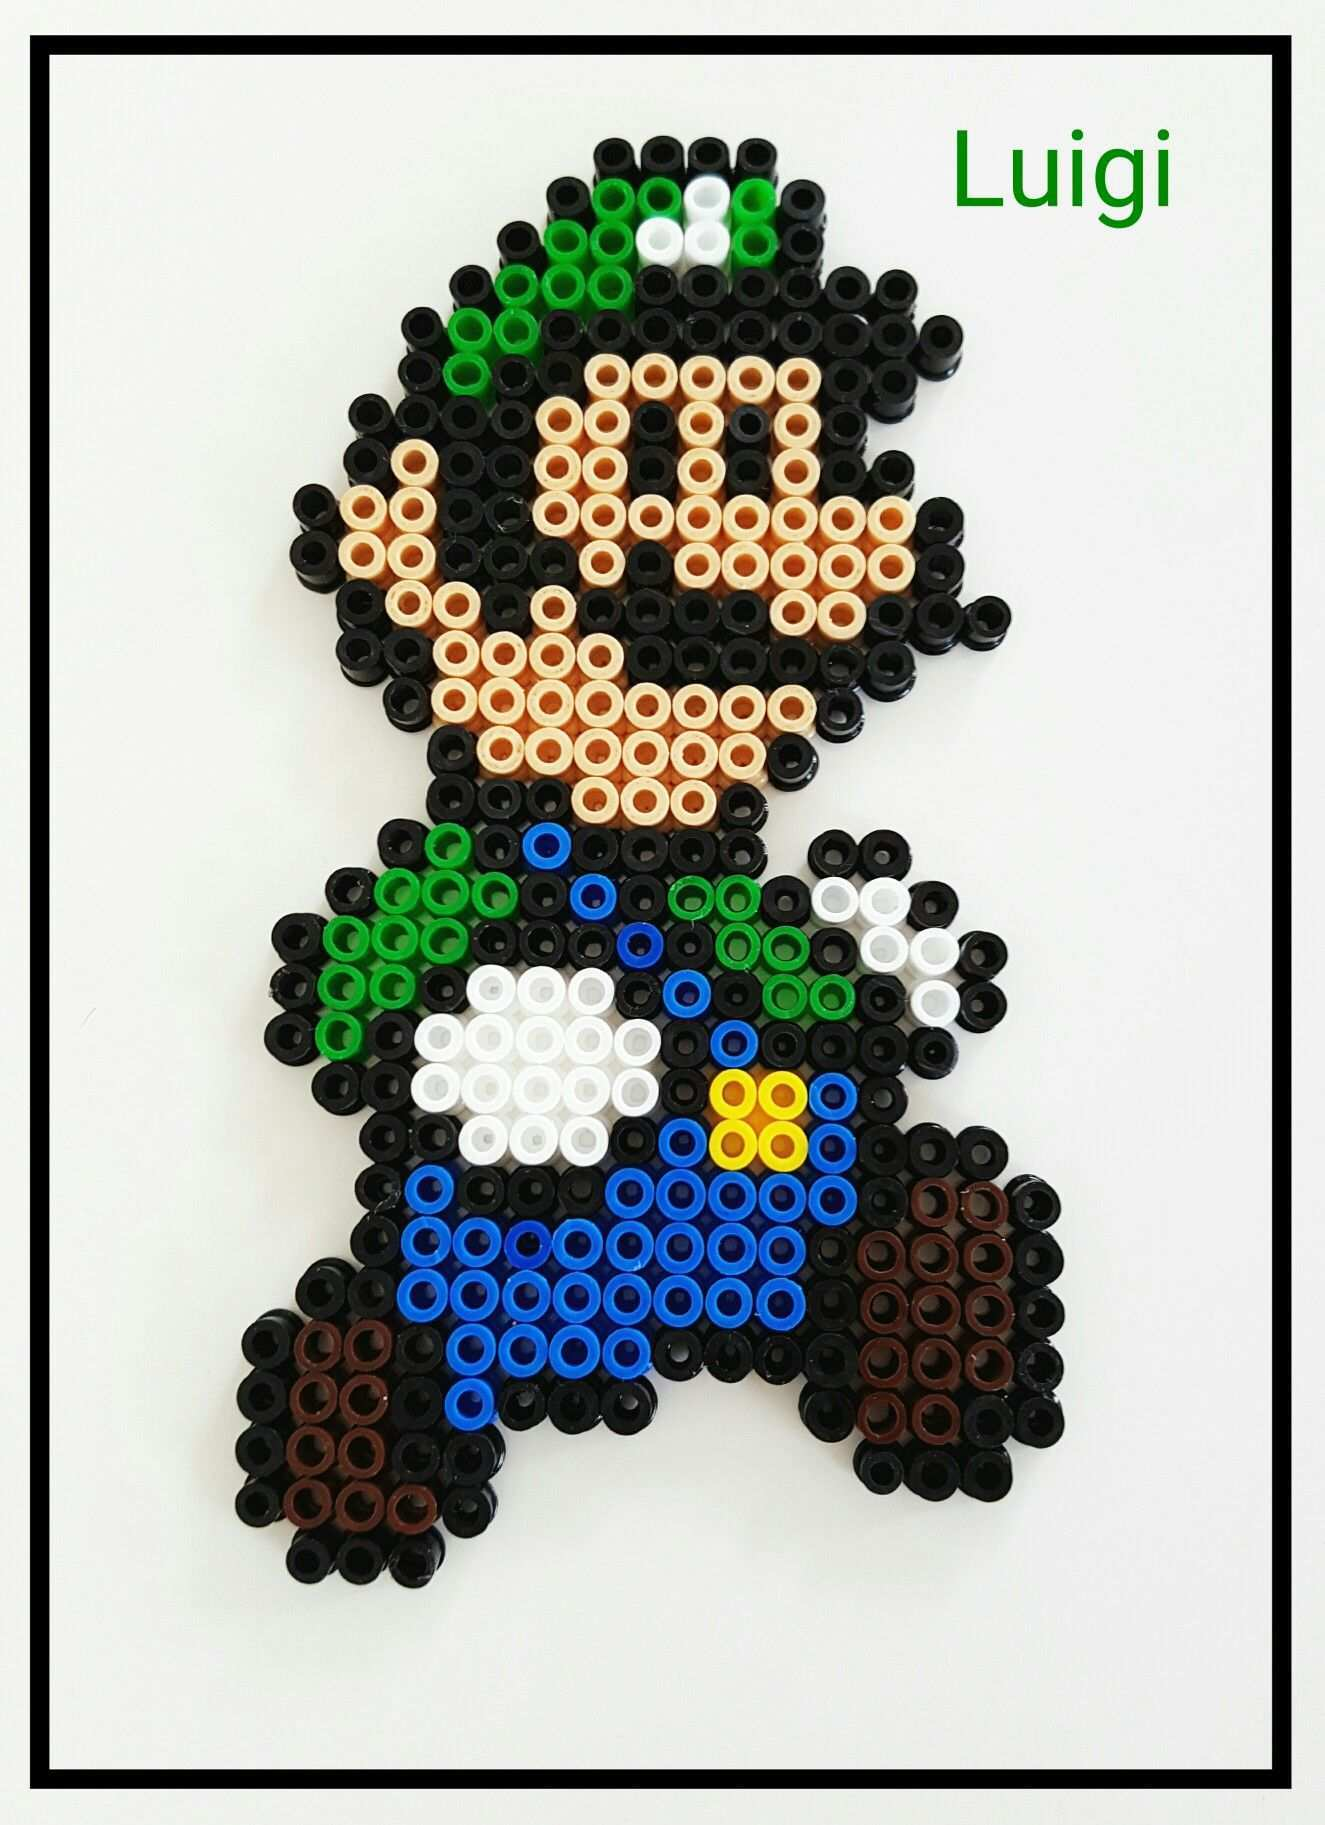 Luigi Luigi Supermario Bugelperlen Bugelperlen Bugel Luigi